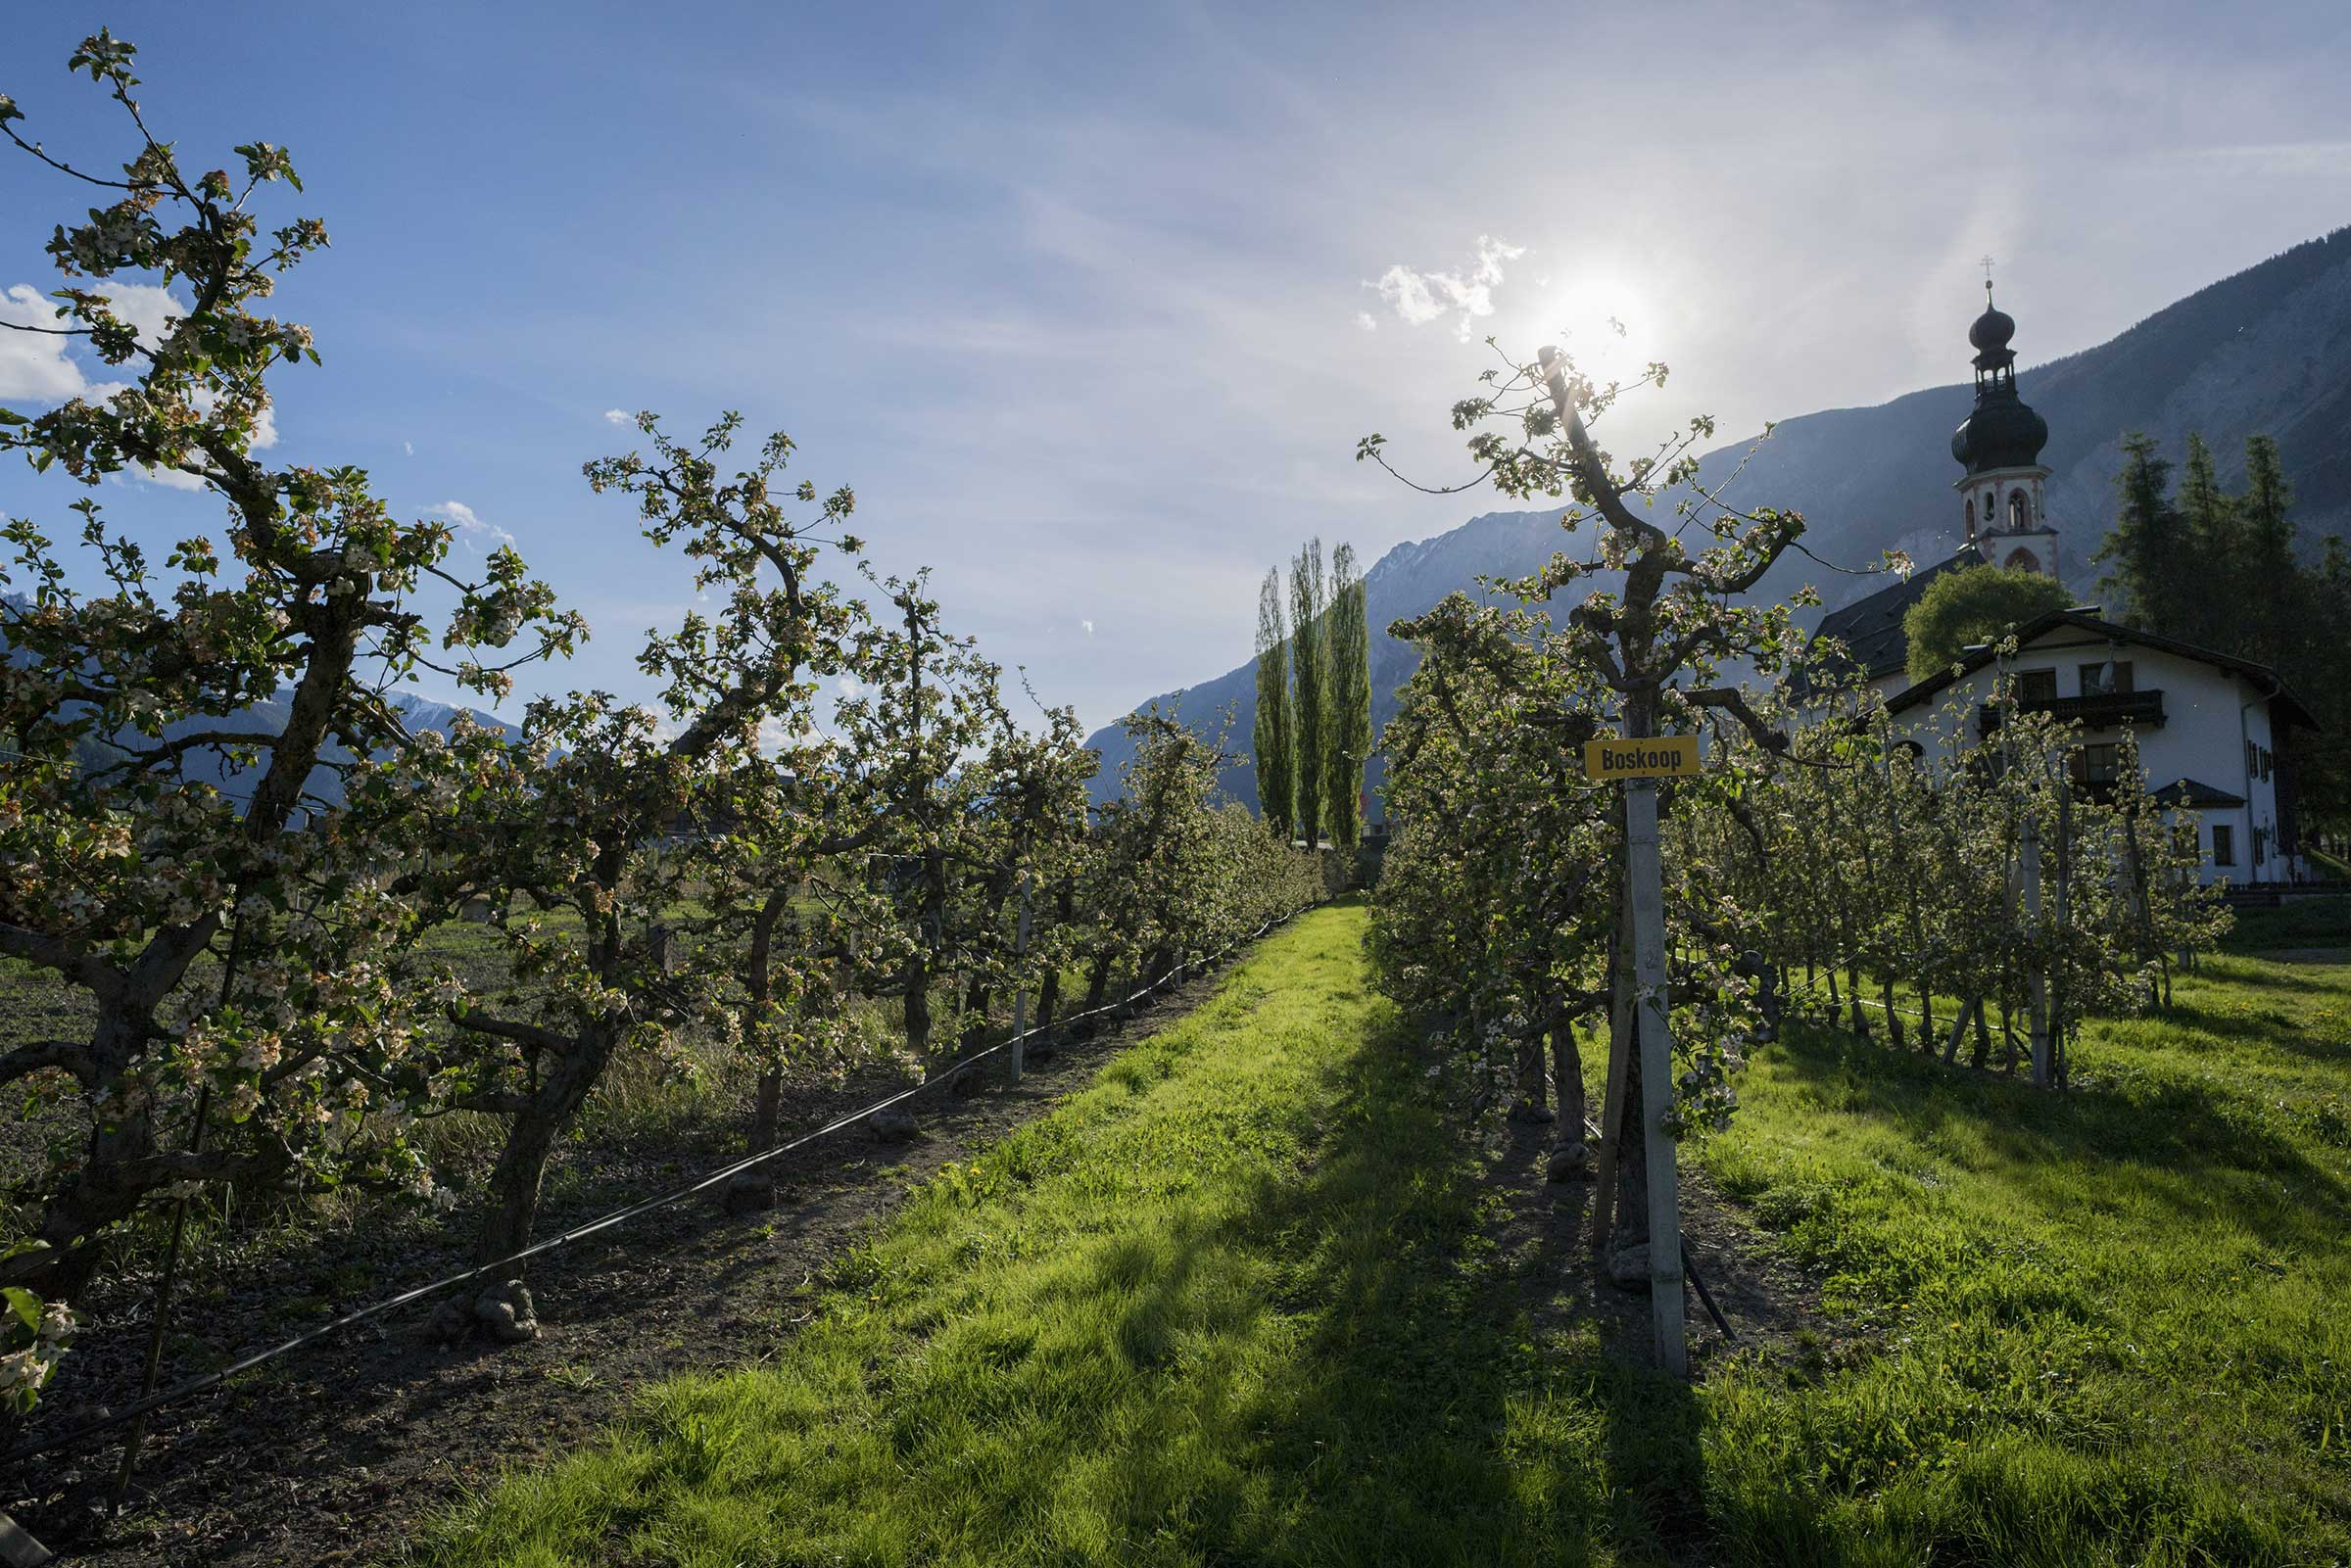 Apfelbäume in Reih und Glied - Haiminger Markttage